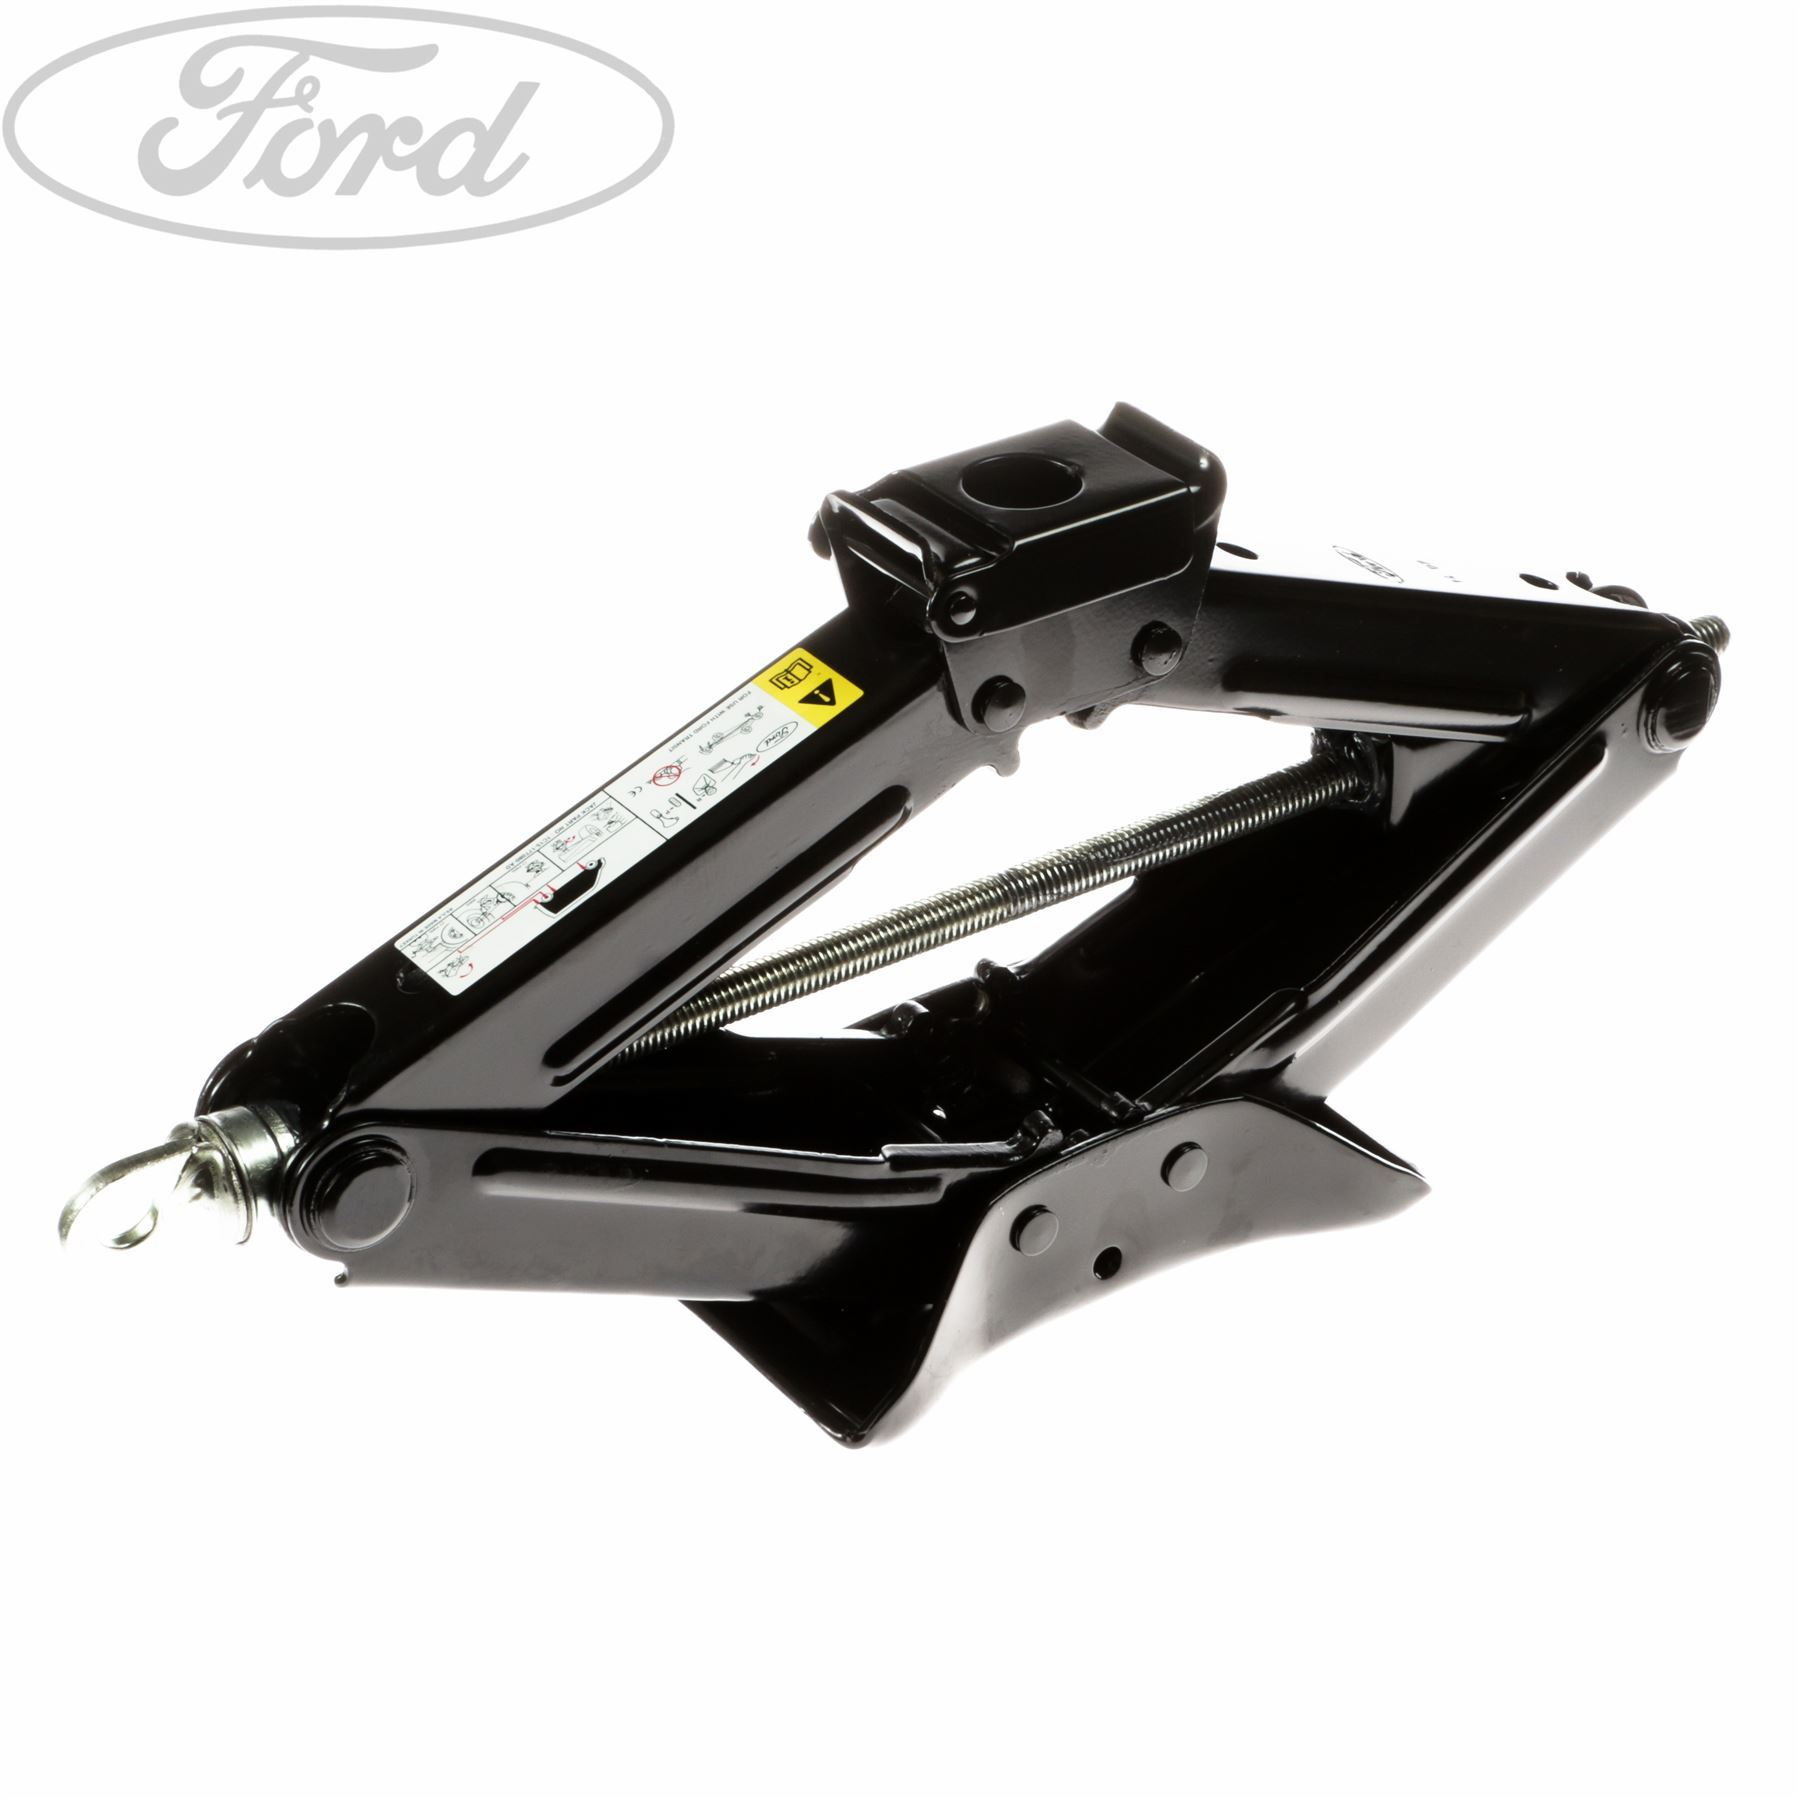 Genuine Ford Transit MK 7 Transit MK6 Lifting Jack 1466411